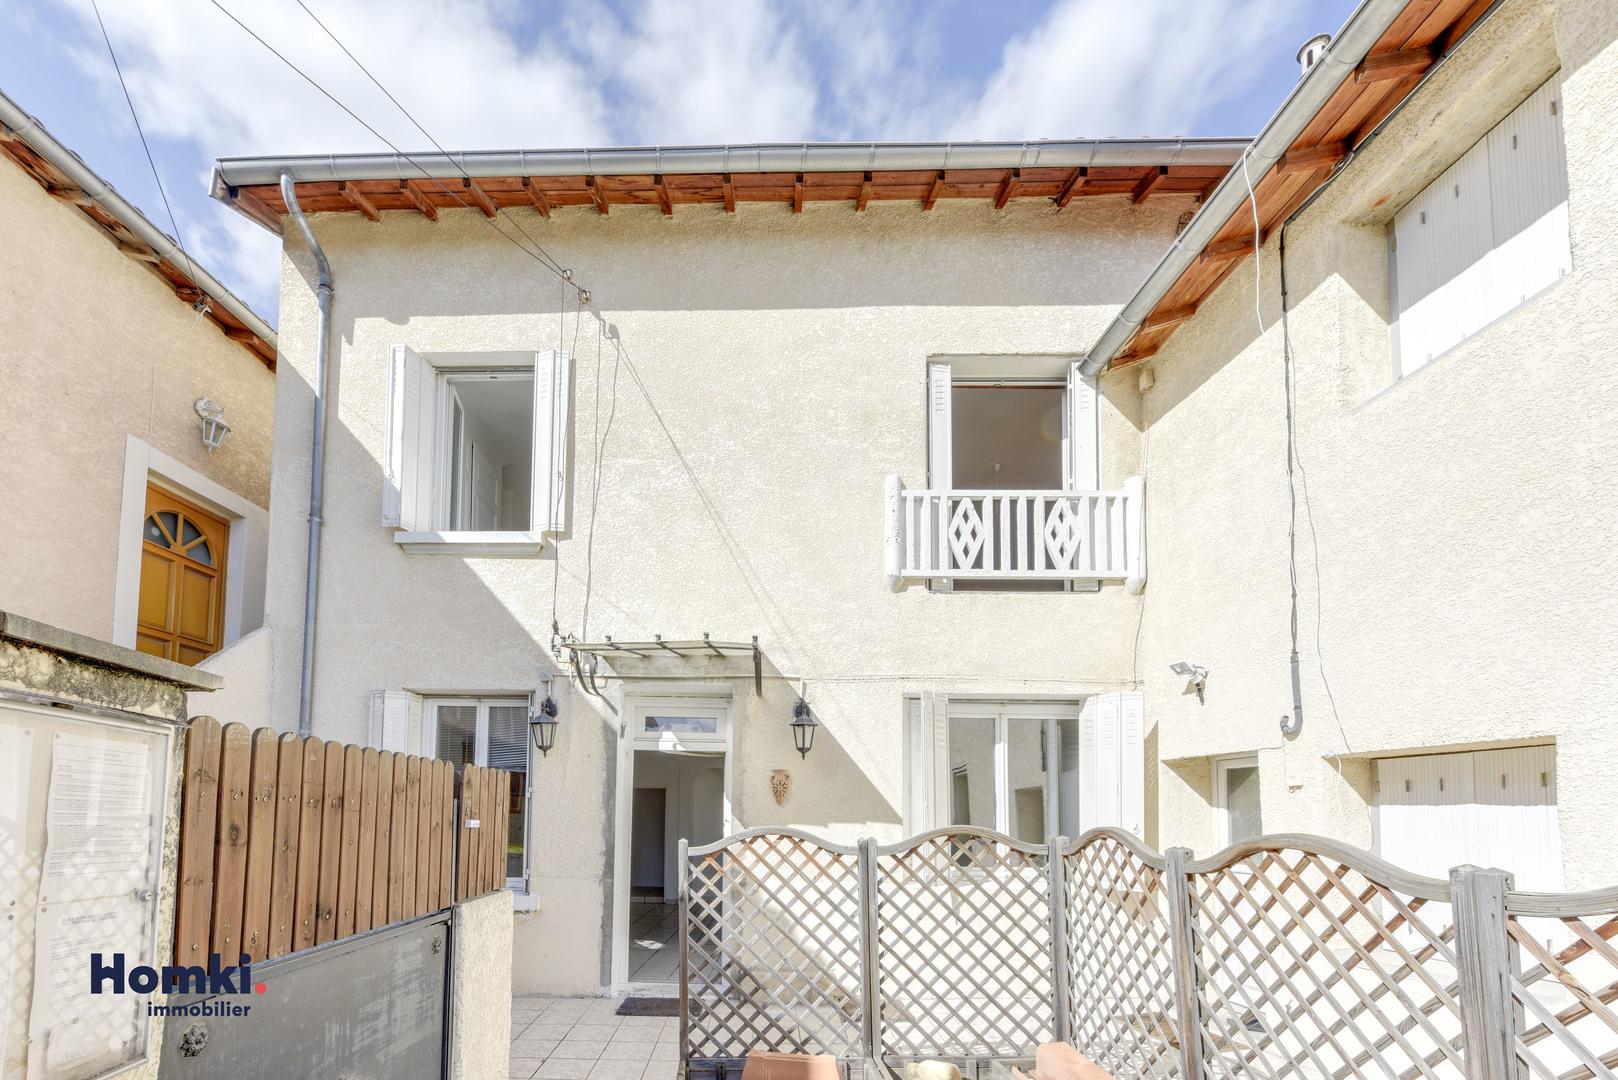 Maison I 113 m² I T4 I 38670 | photo 11